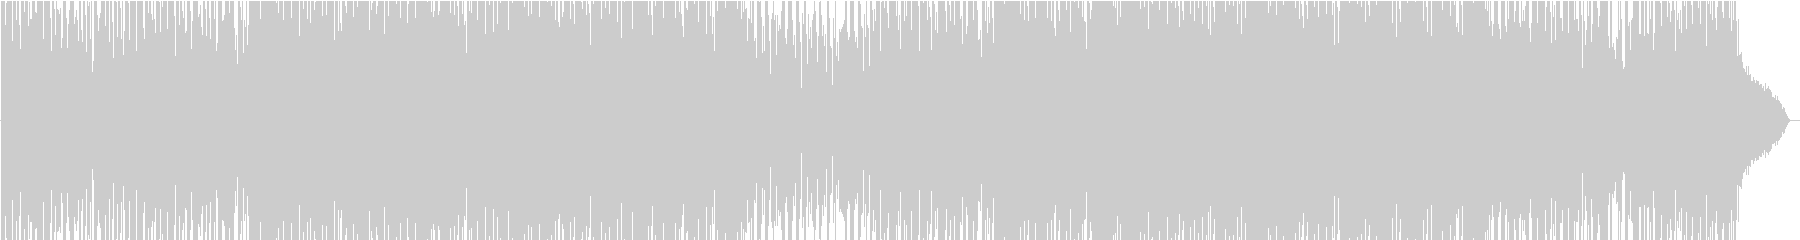 ティーン ポップ テクノ 代替案 ...の未再生の波形